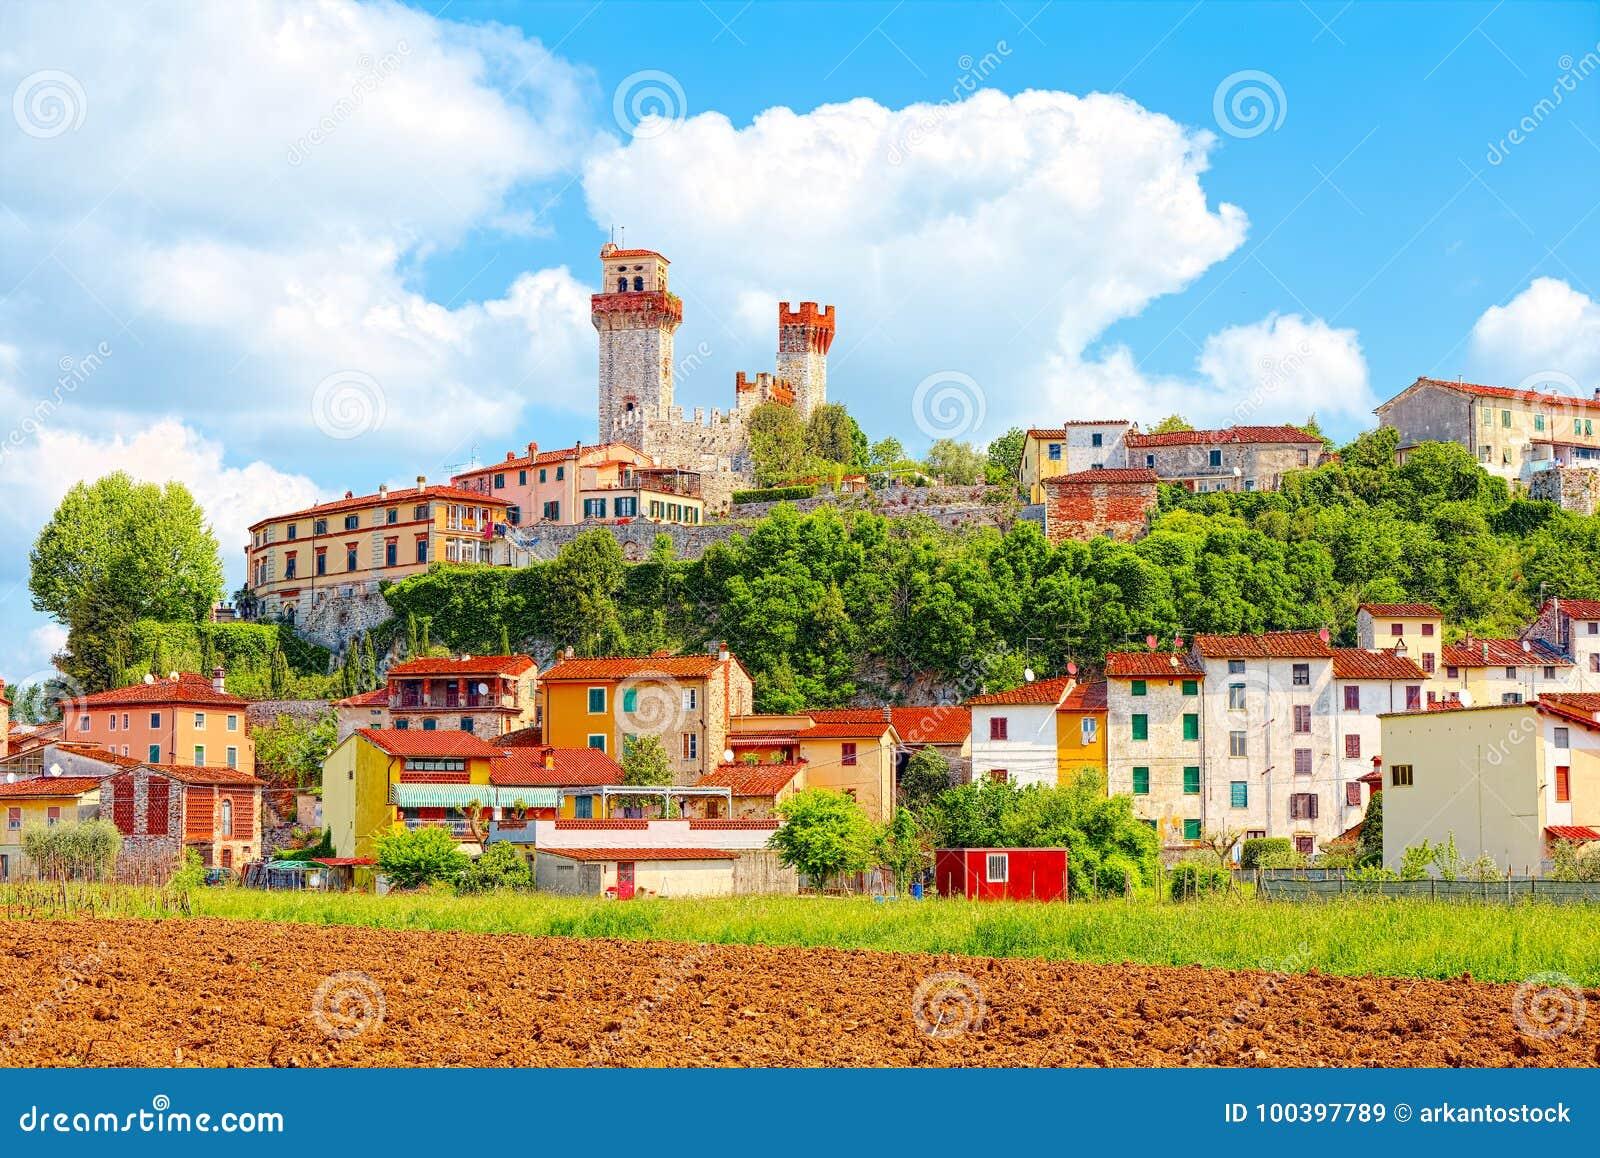 Nozzano Castello y sus cosechas agrícolas, pueblo medieval en la provincia de Lucca, Toscana